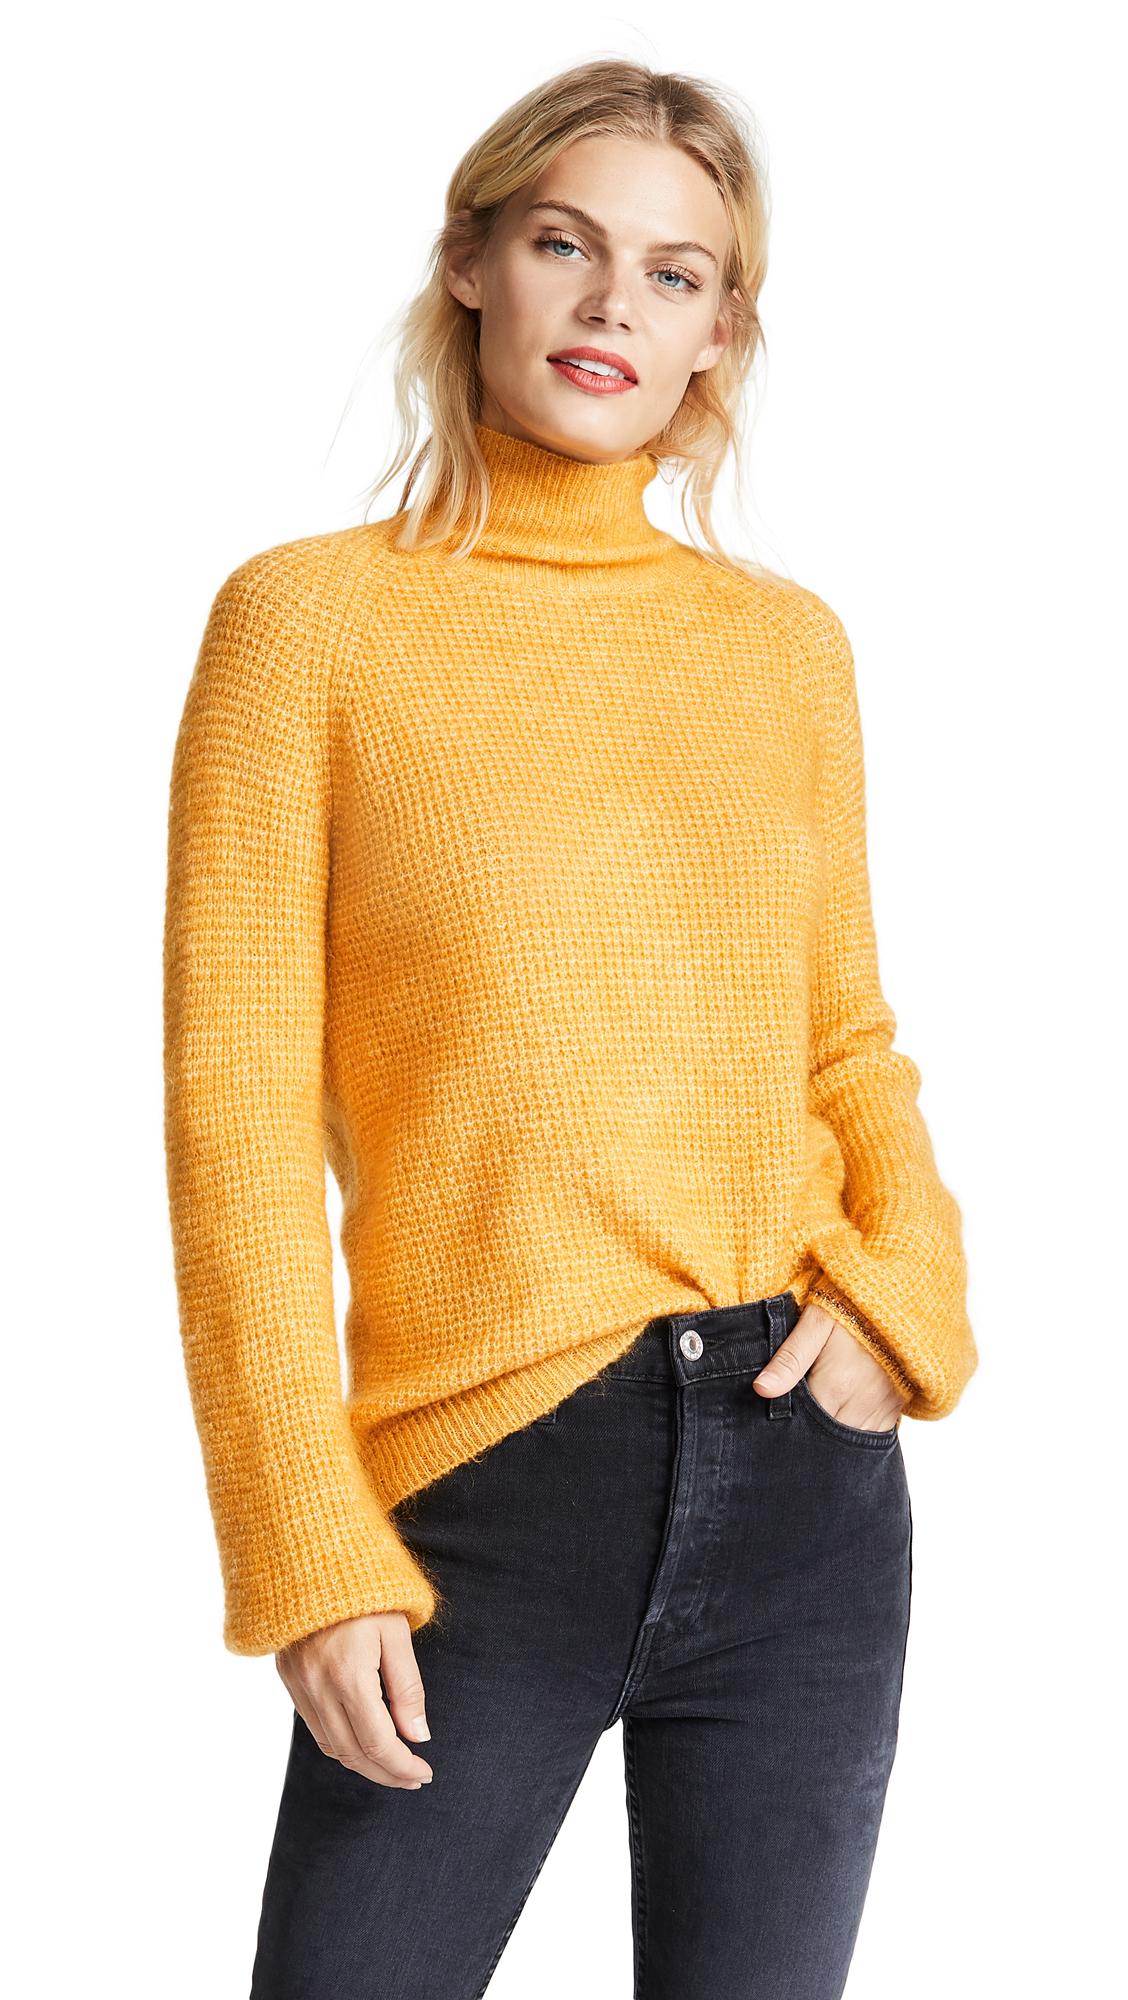 MKT STUDIO Klimia Sweater in Honey